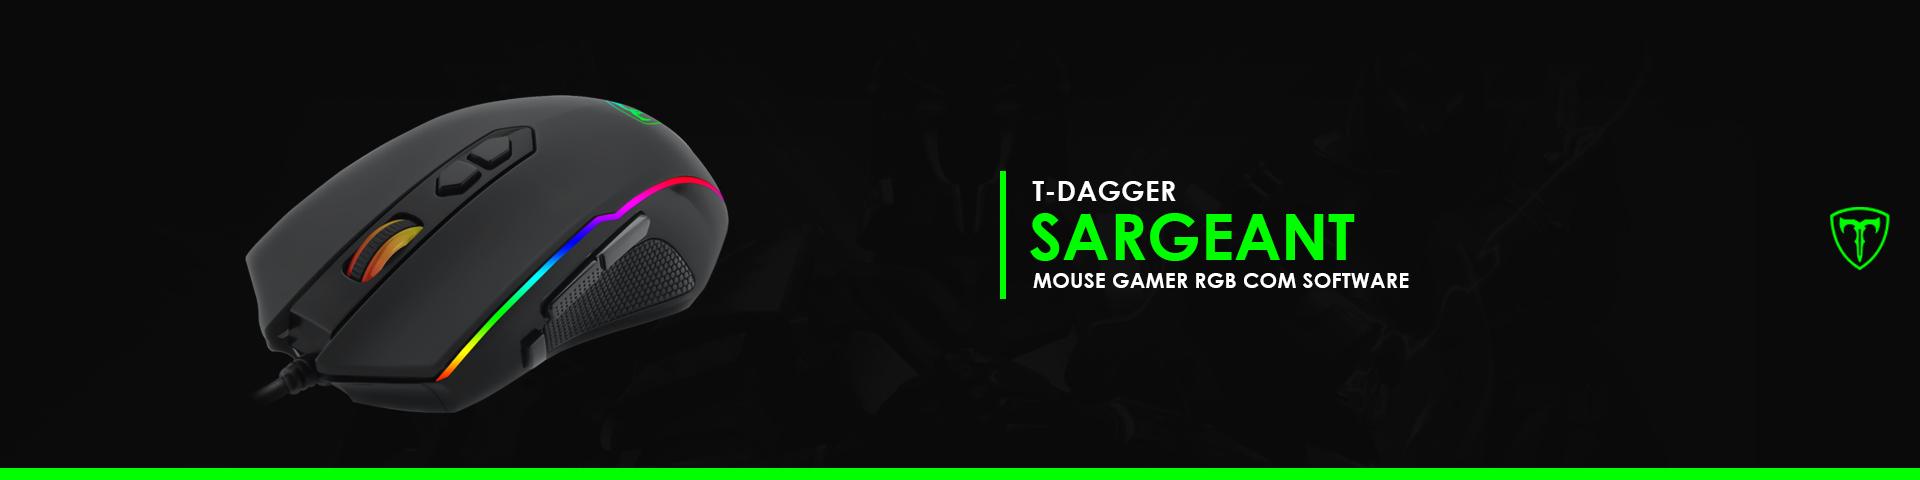 Precisão e performance com o T-Dagger Sargeant